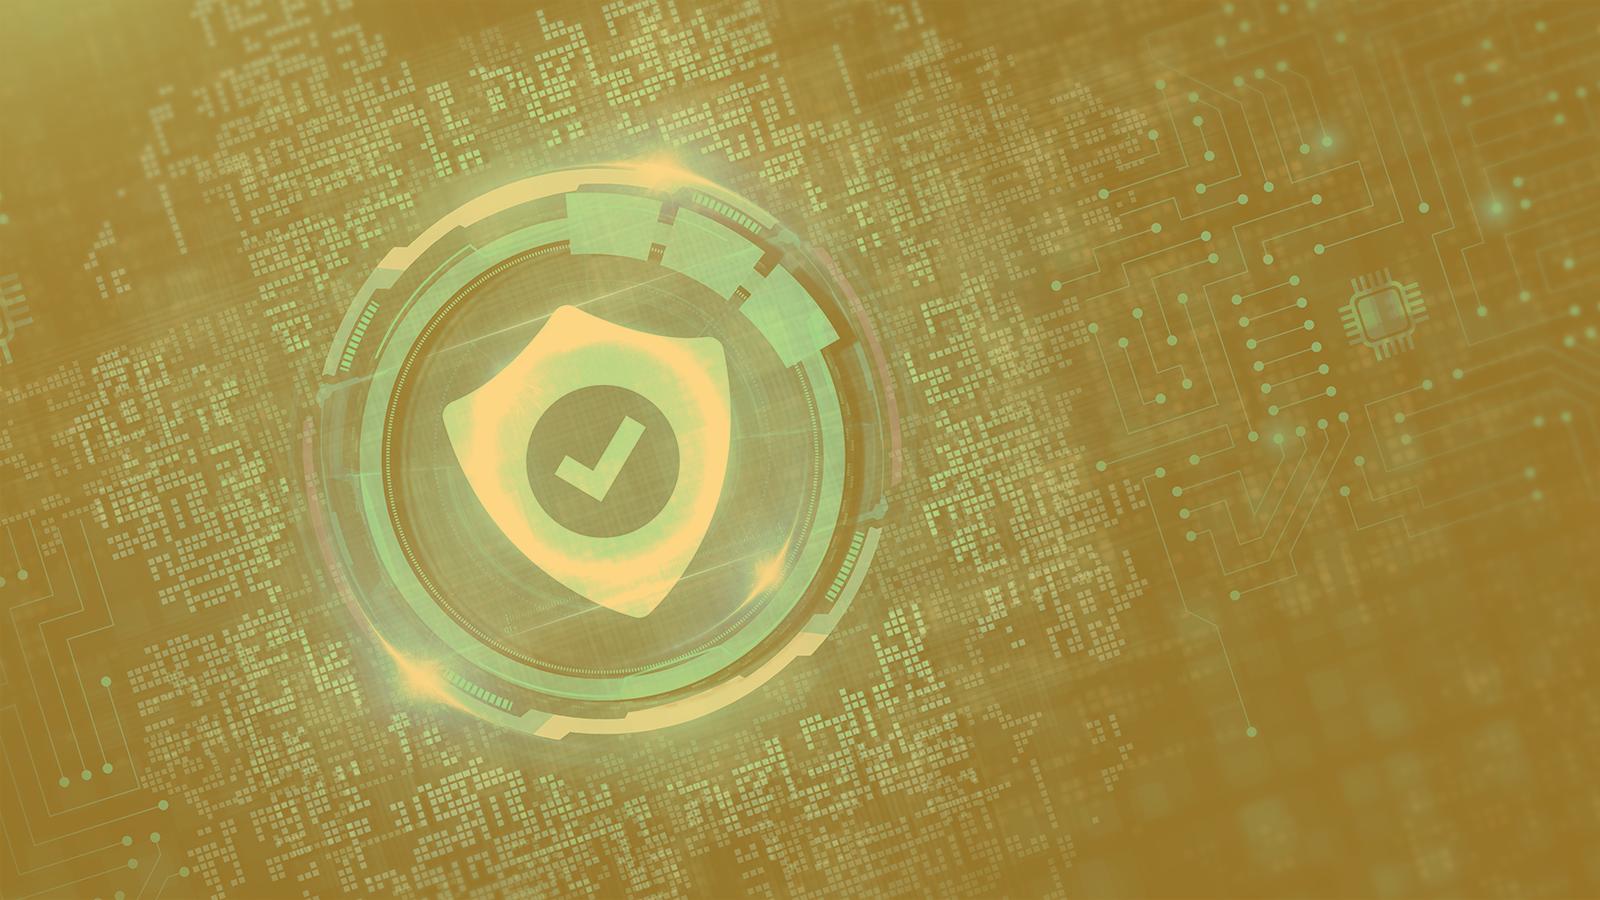 Embedded Software Verification (duplex)